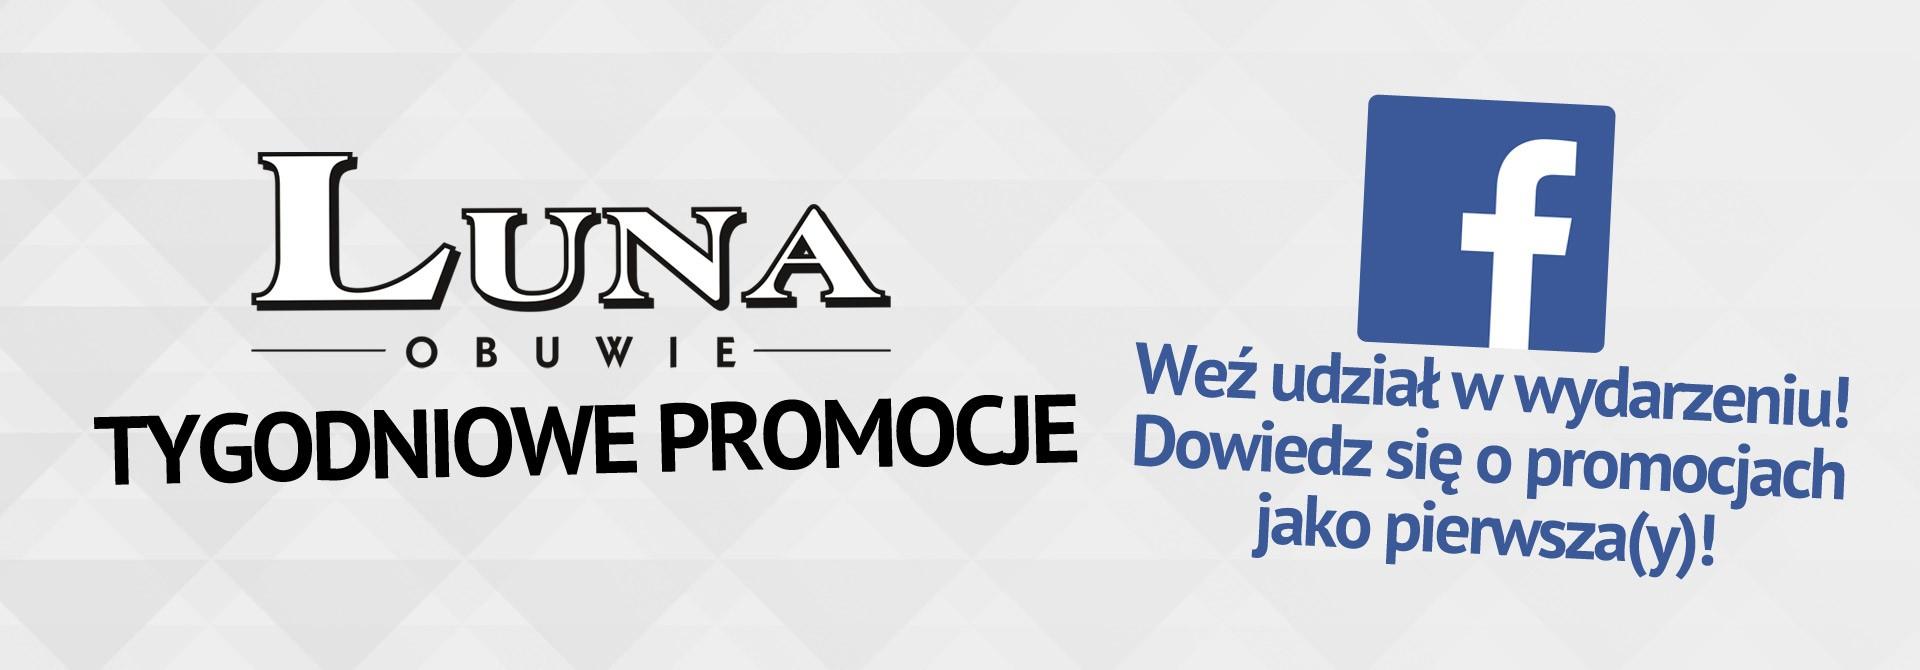 Weź udział w wydarzeniu Sklepu LunaObuwie.pl